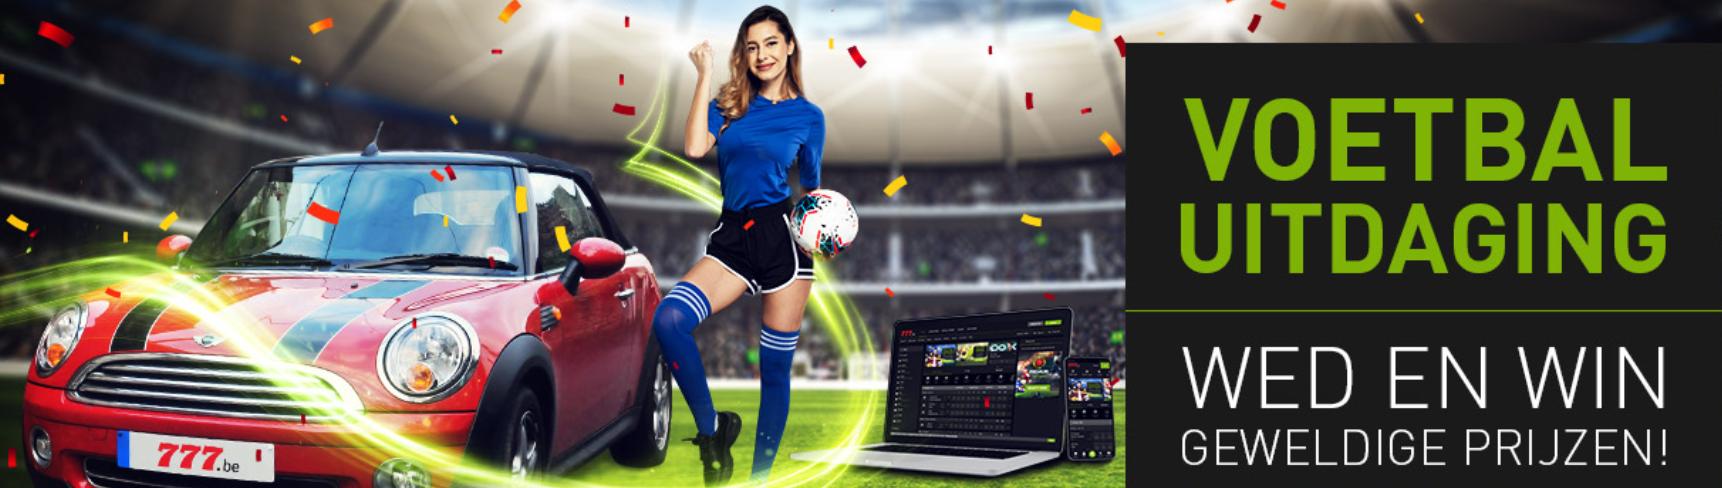 Bet 777 Sport Voetbal uitdaging Wed en Win Geldprijzen Auto Laptop iPhone online Casino Euro 2020